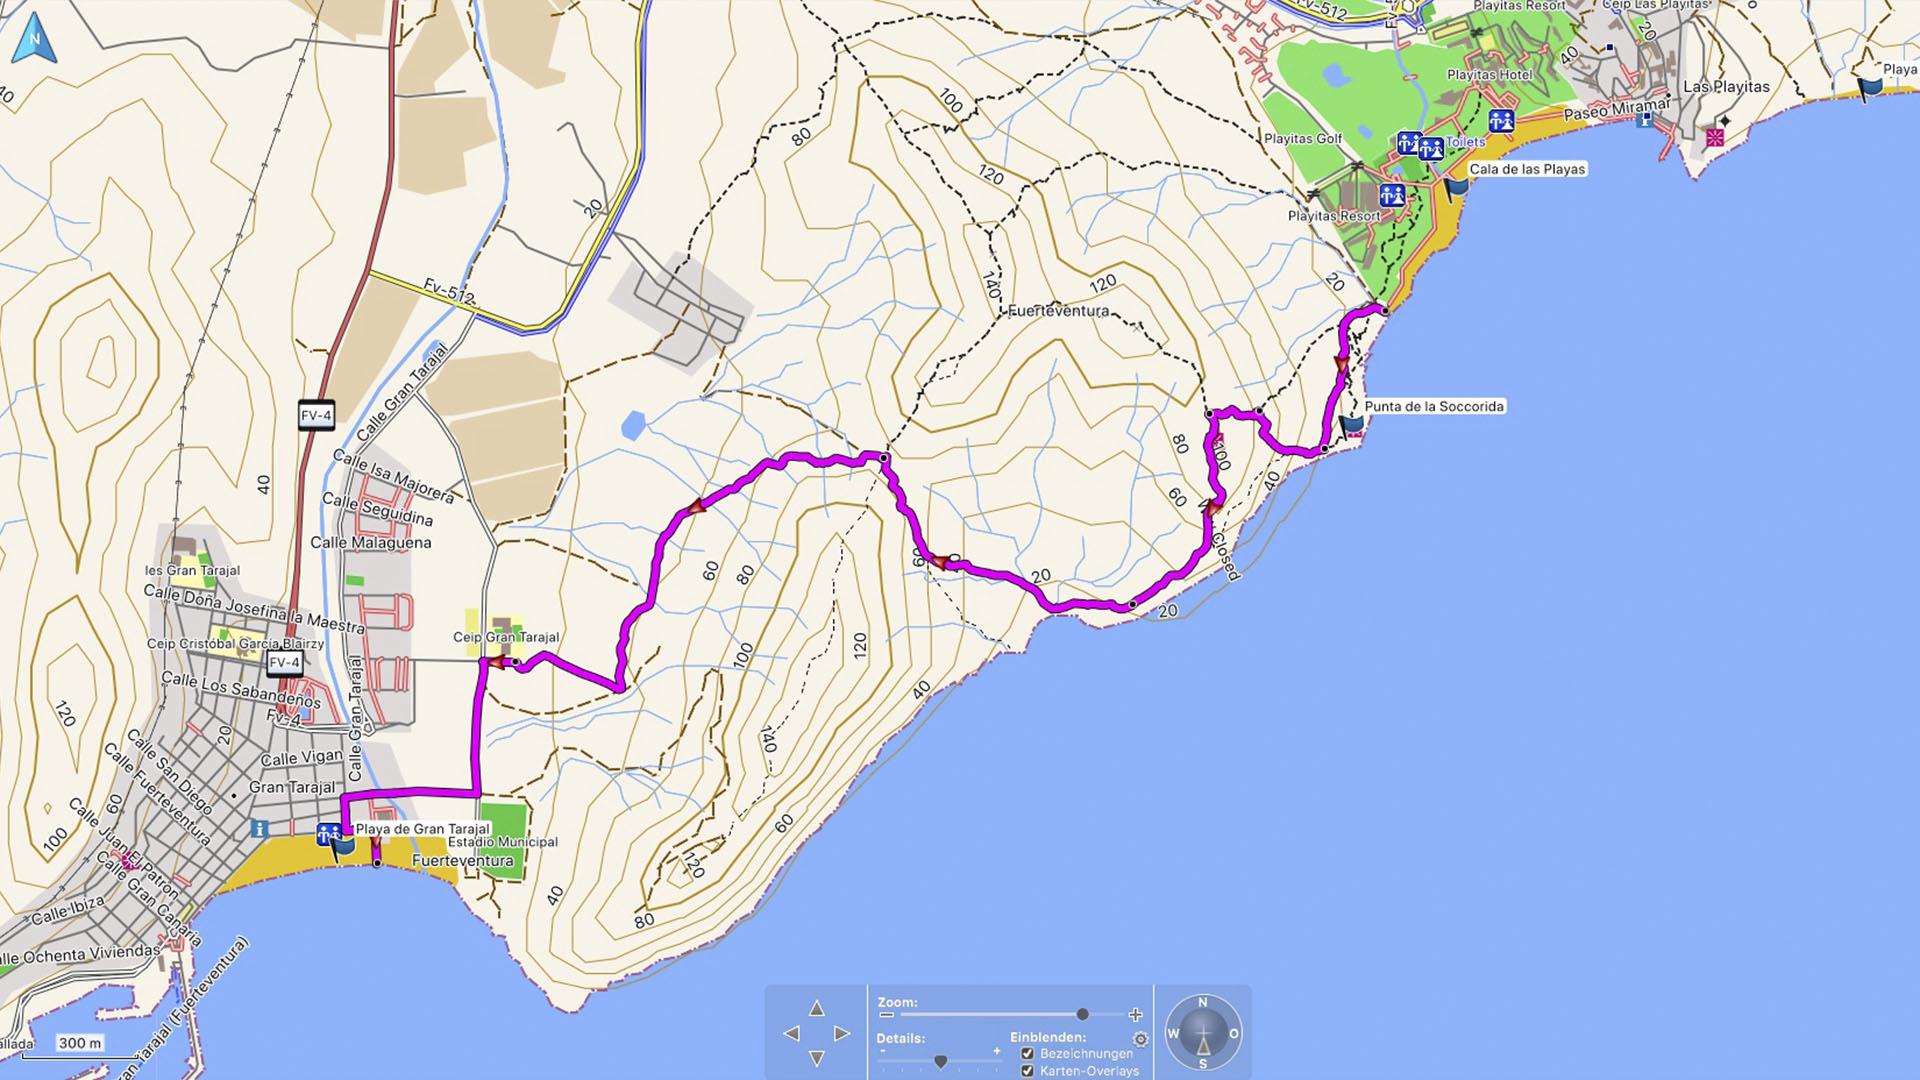 Wanderung über die Klippen von Las Playitas nach Gran Tarajal Fuerteventura.